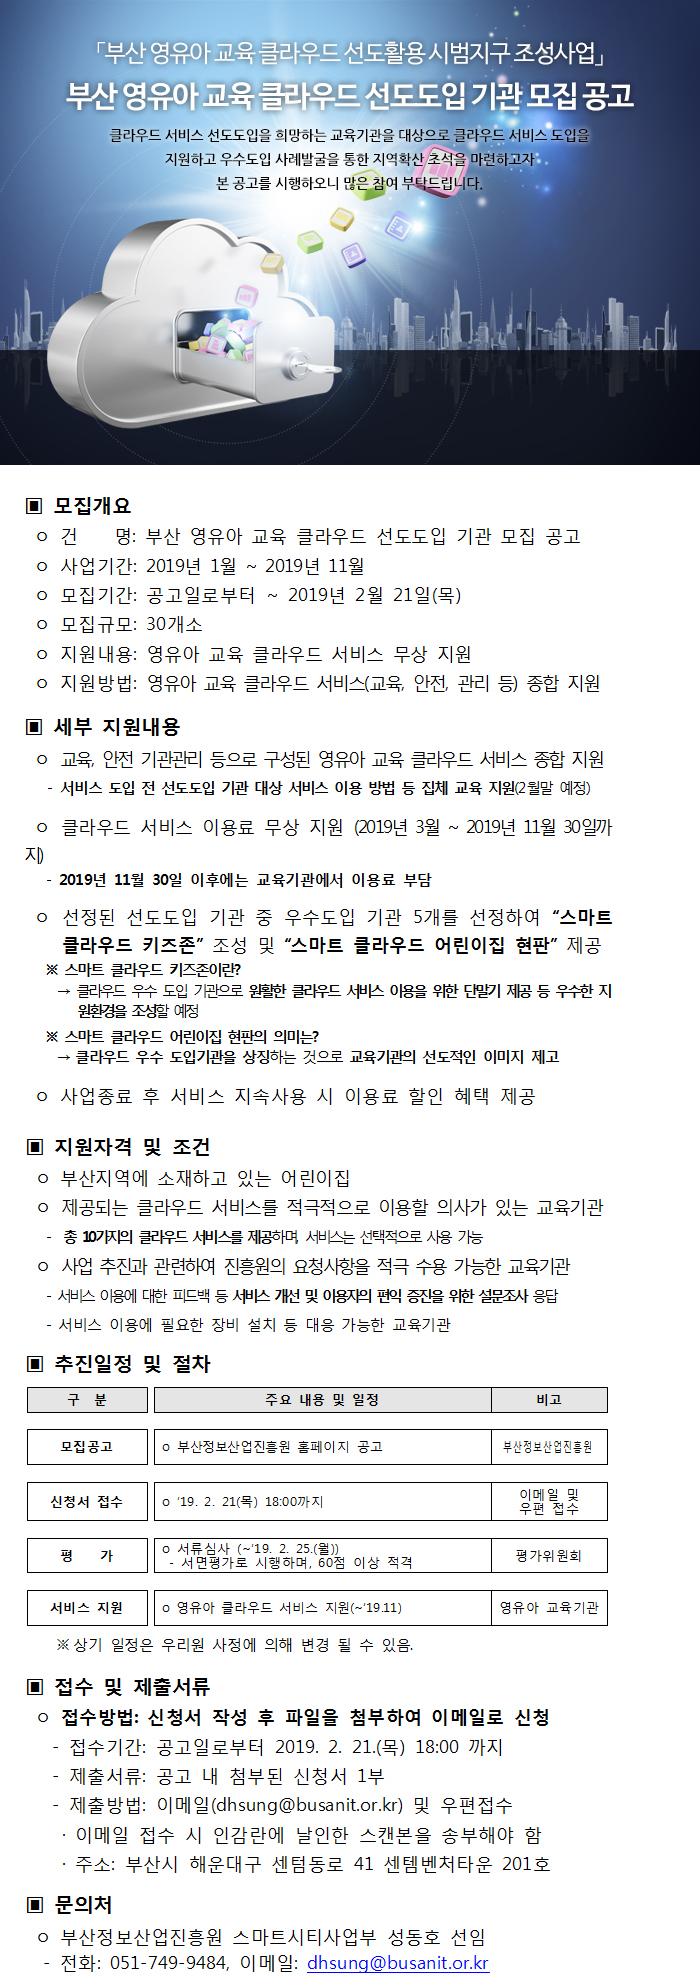 부산 영유아 교육 클라우드 선도도입 기관 모집 공고